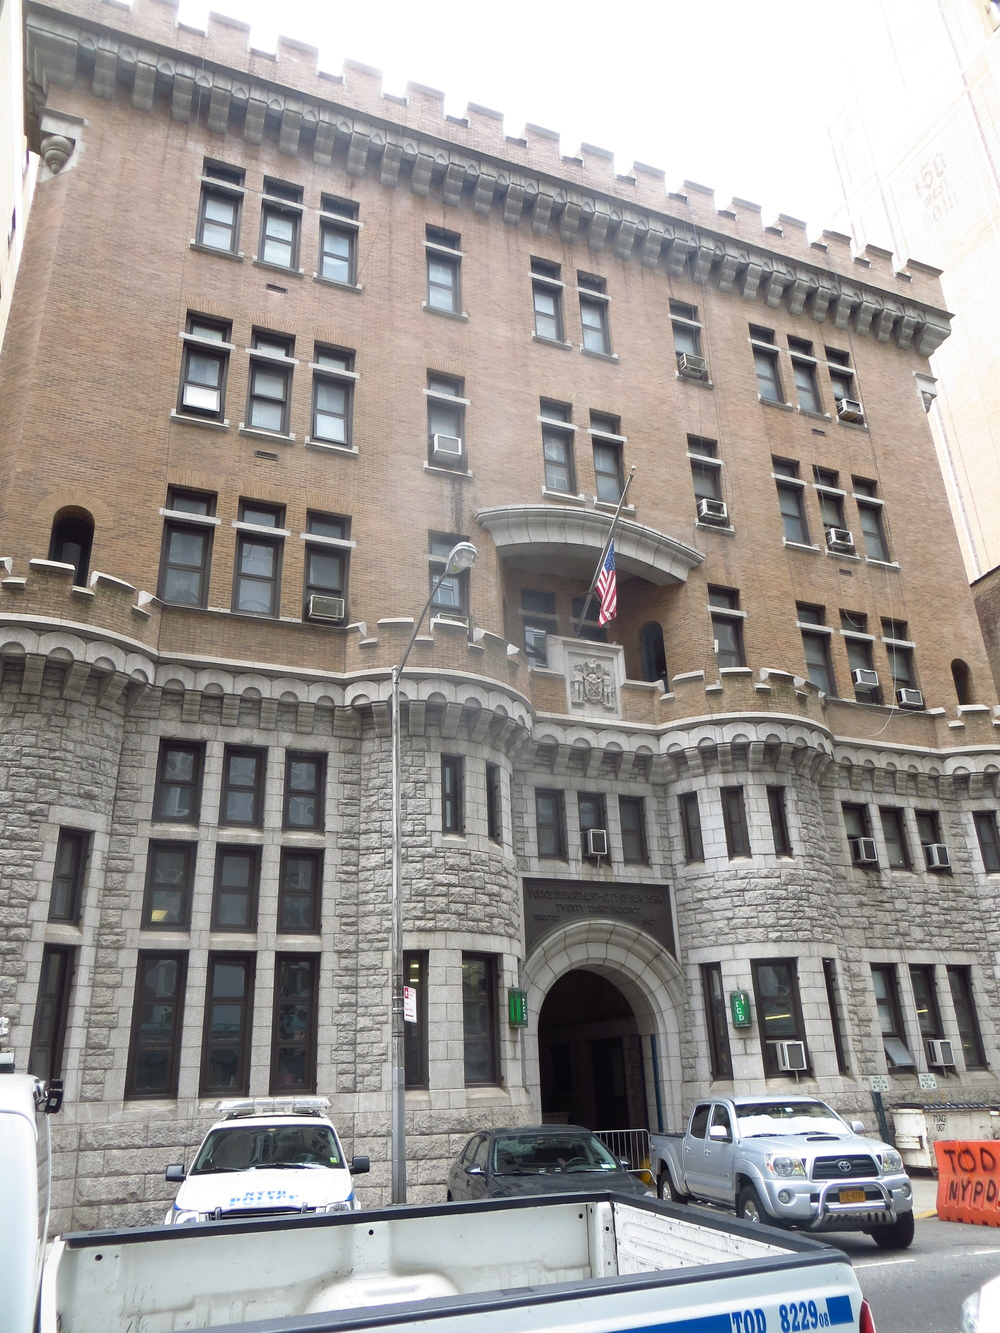 Police station castle